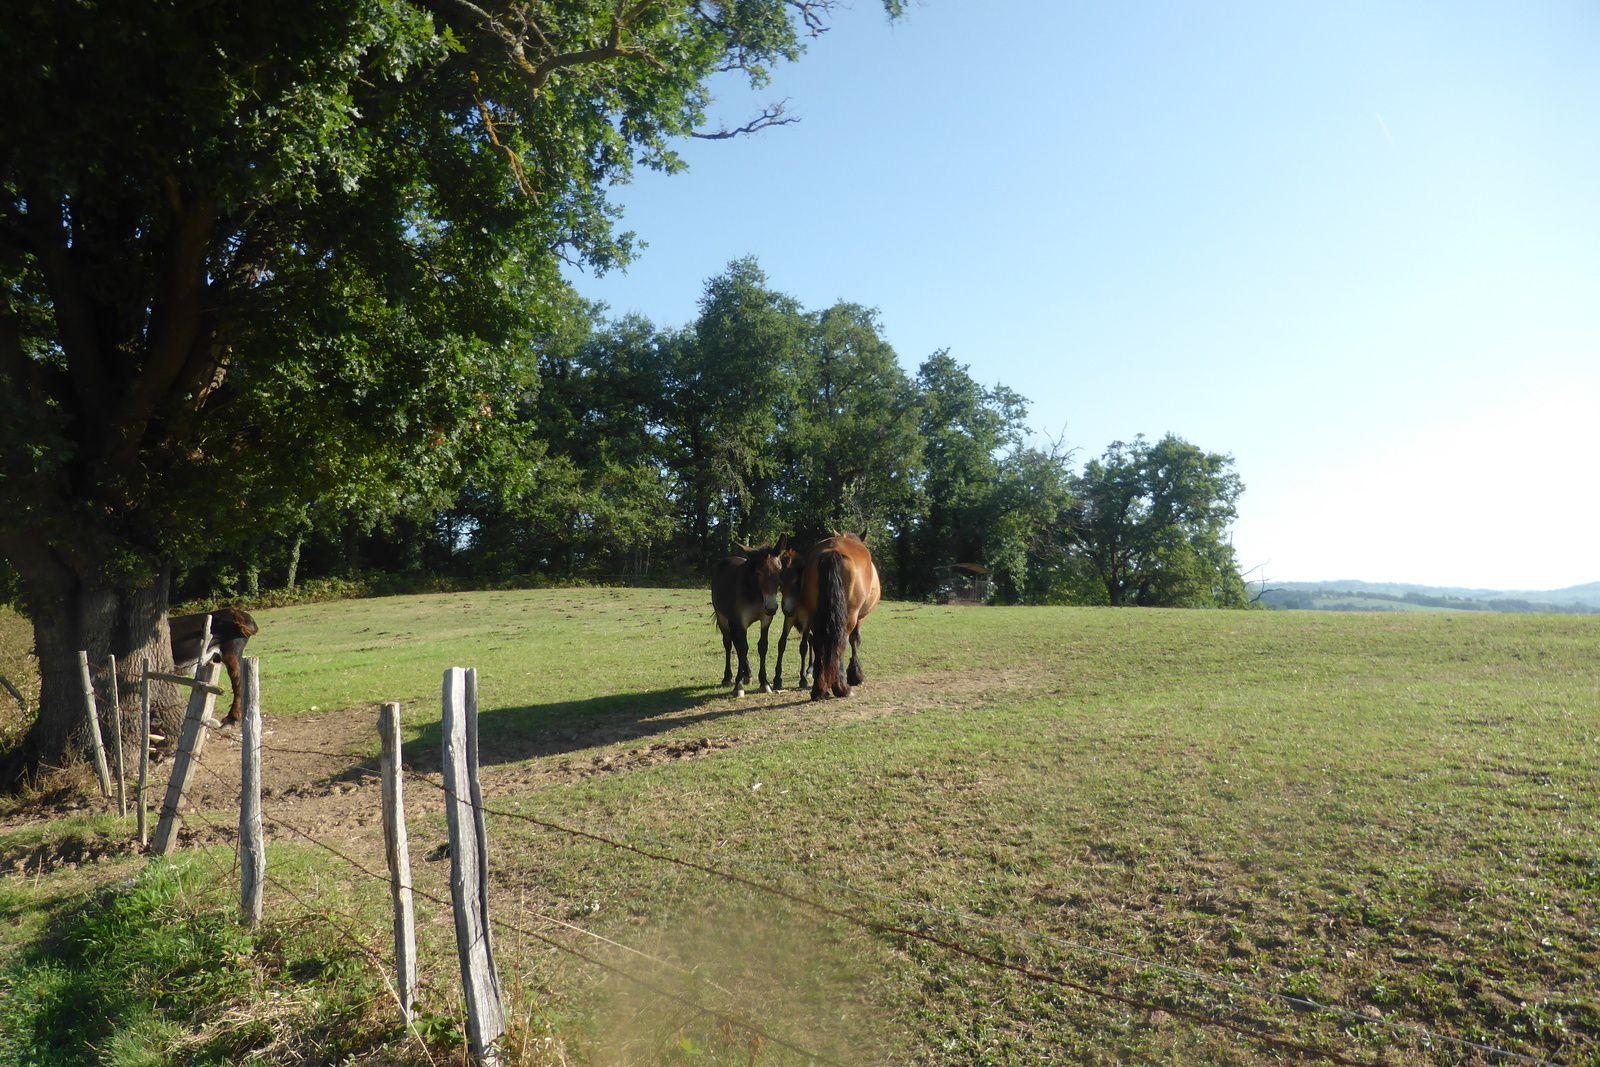 """Nous voilà entre le lieu-dit """" leThabor"""" et """"la Treille"""", après une belle montée en sortant de Livinhac-le-Haut, nous voilà dans un secteur plus plat et en partie dans la forêt. Le groupe avance bien, Jeroen marche maintenant avec nous jusqu'à Figeac. Dans un champ proche nous apercevons une jument avec ses deux poulains et un âne qui attend sagement que quelqu'un veuille bien lui donner une pomme !"""